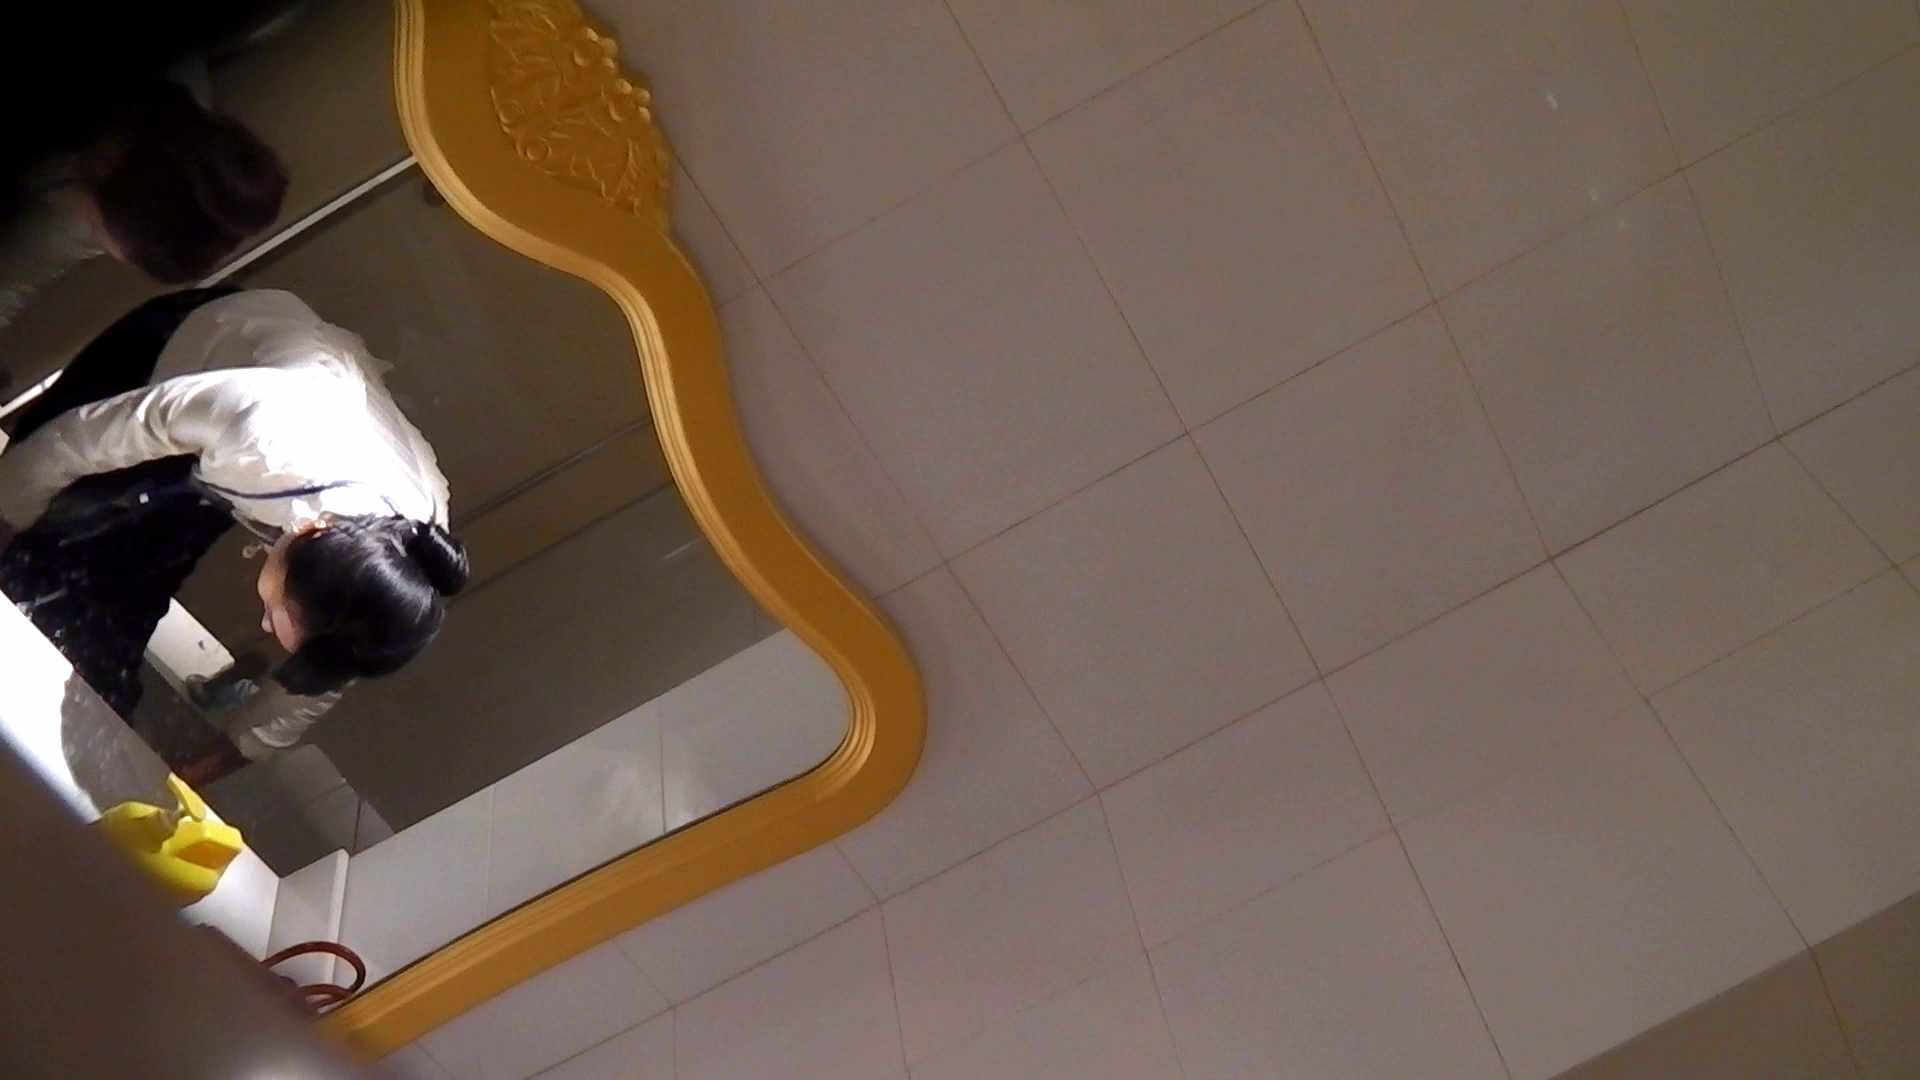 洗寿観音さんの 化粧室は四面楚歌Nol.2 エッチすぎるOL達 | 洗面所  97連発 91